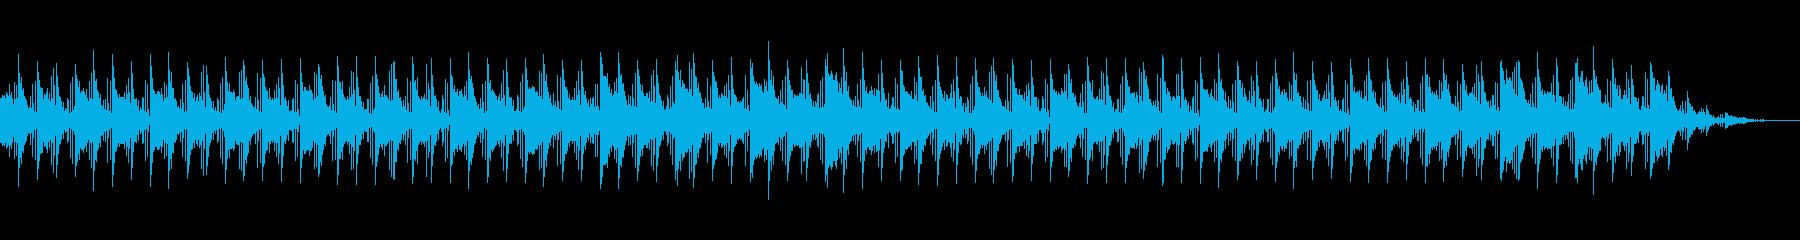 夜明けをイメージしたBGMの再生済みの波形